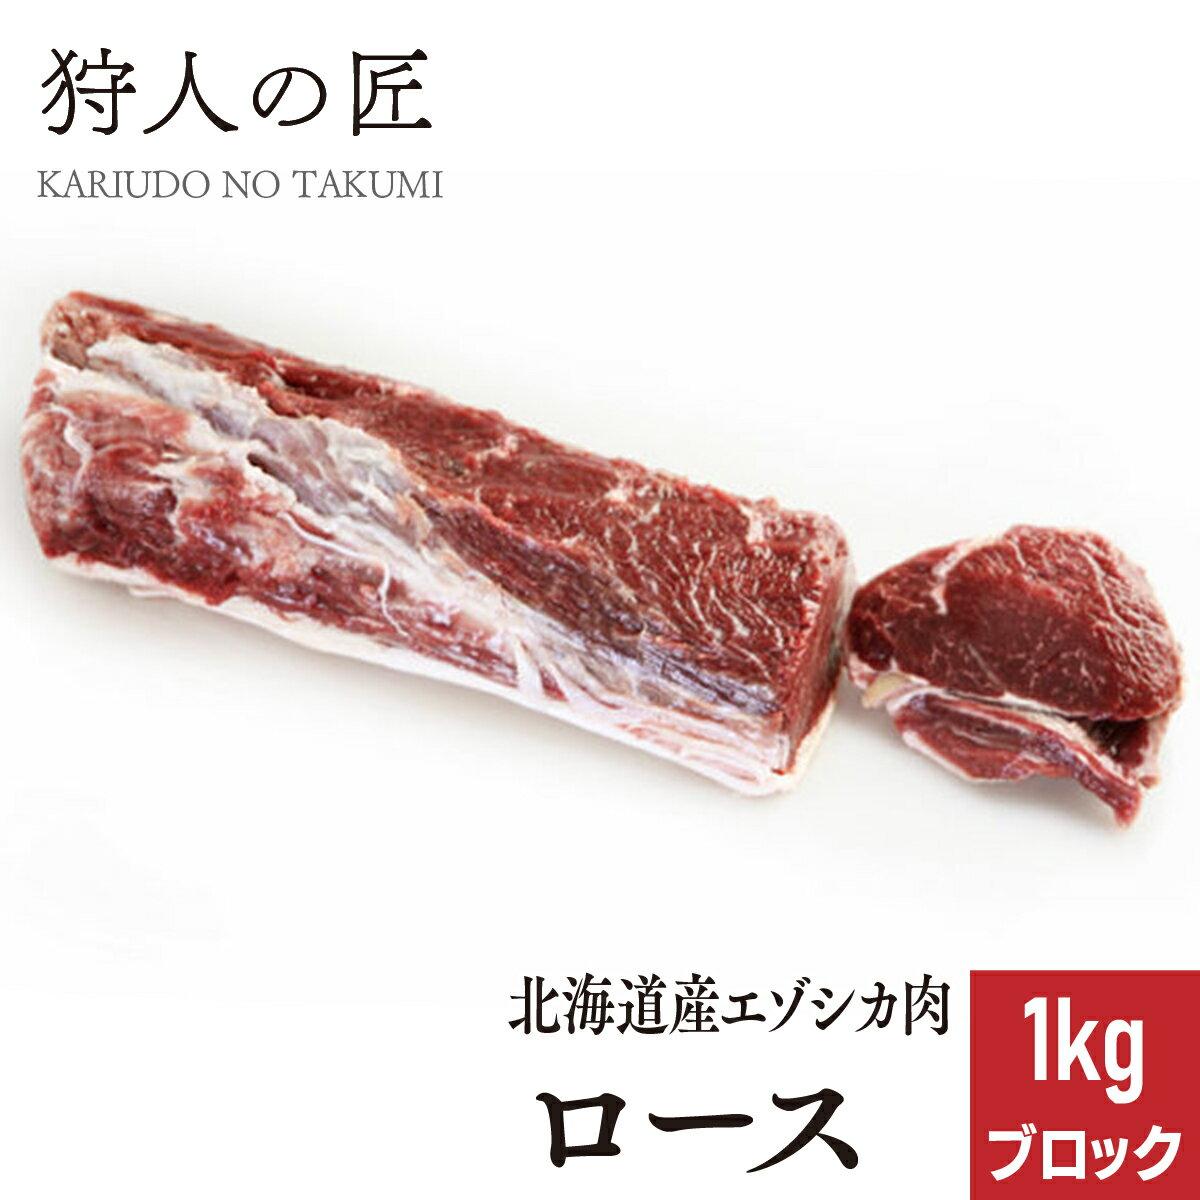 狩人の匠『北海道産エゾ鹿肉ロース』